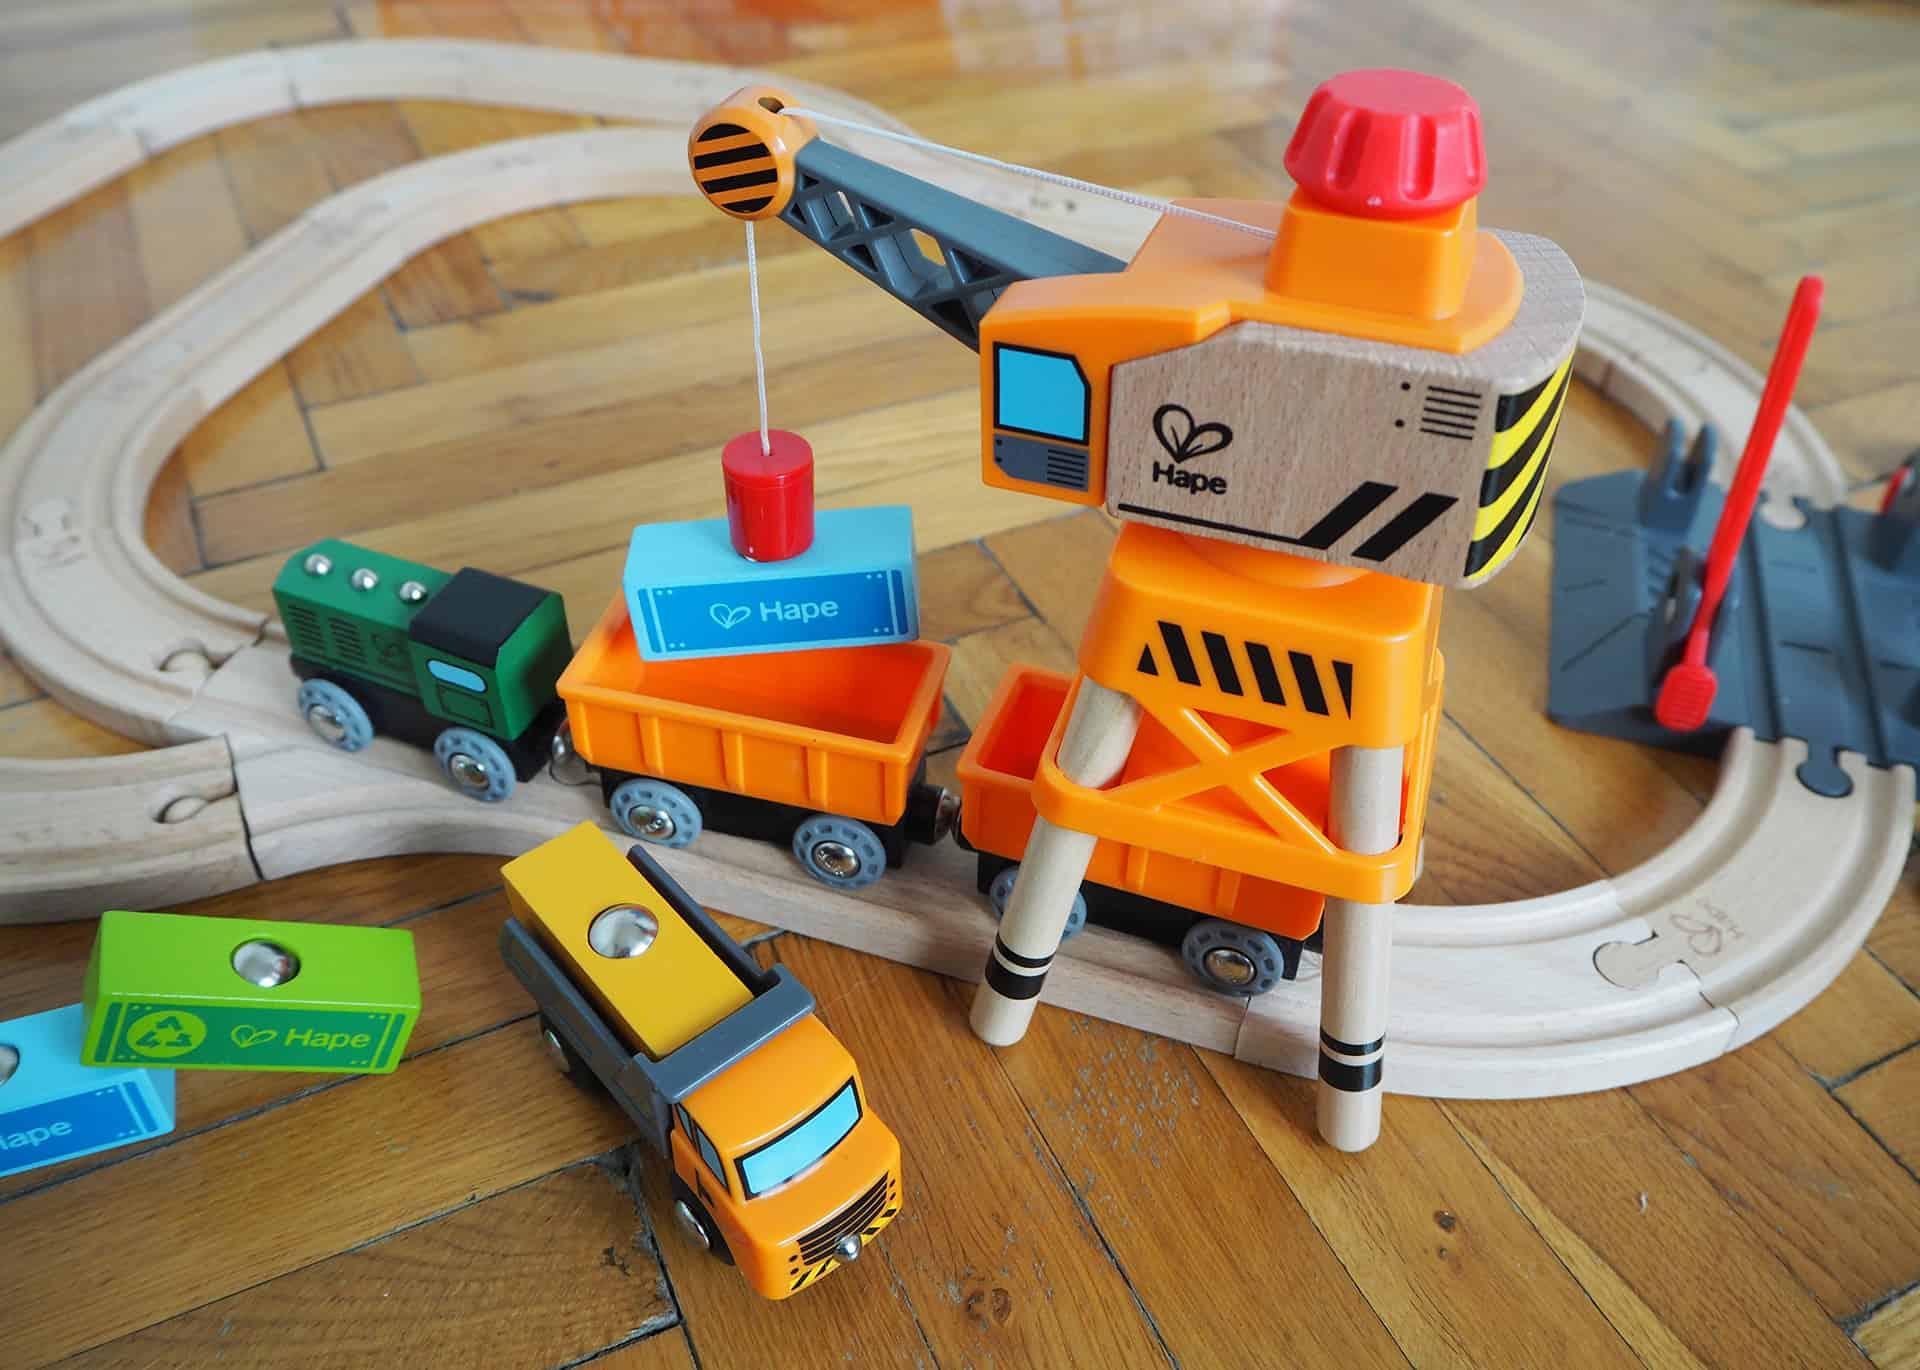 Die Eisenbahn von Hape mir Kran, Lastwagen, Container und Lok